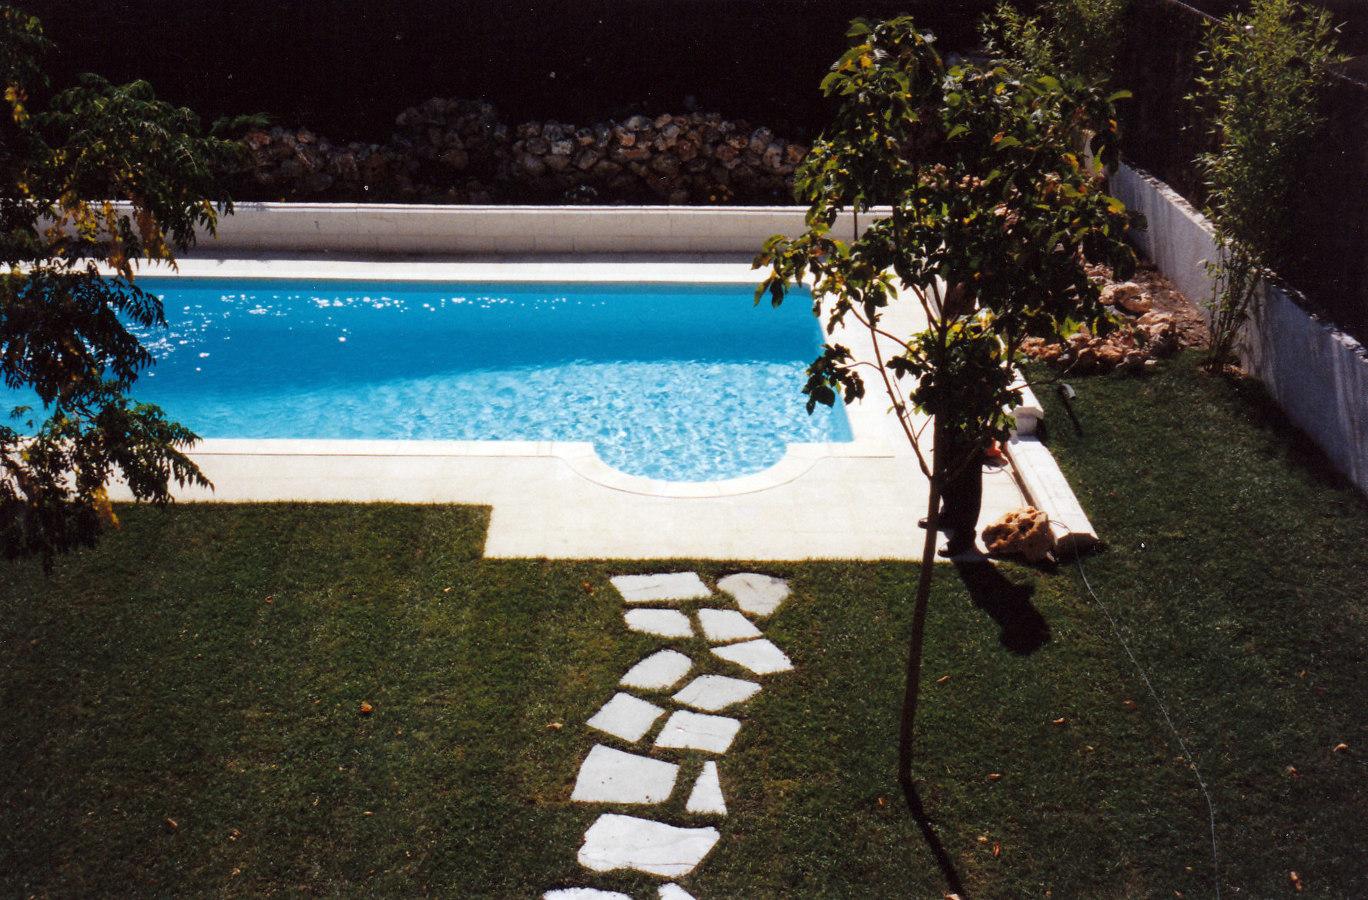 fotos jardins piscinas:Foto: Piscina y Jardin Sevilla la Nuena de Jardines Paco S.L. #210036